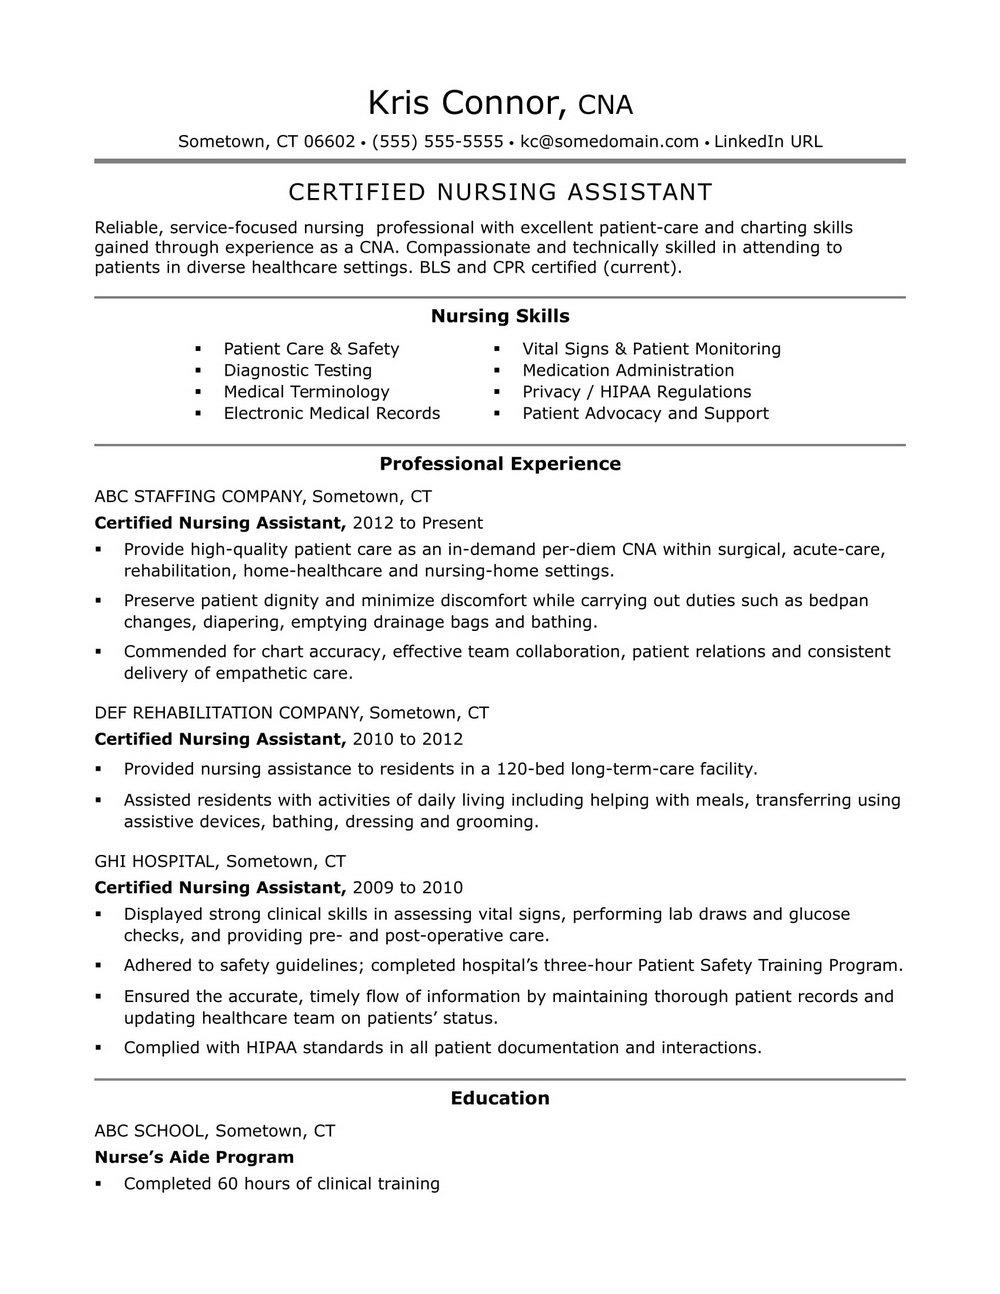 Sample Resume For Nursing Assistant